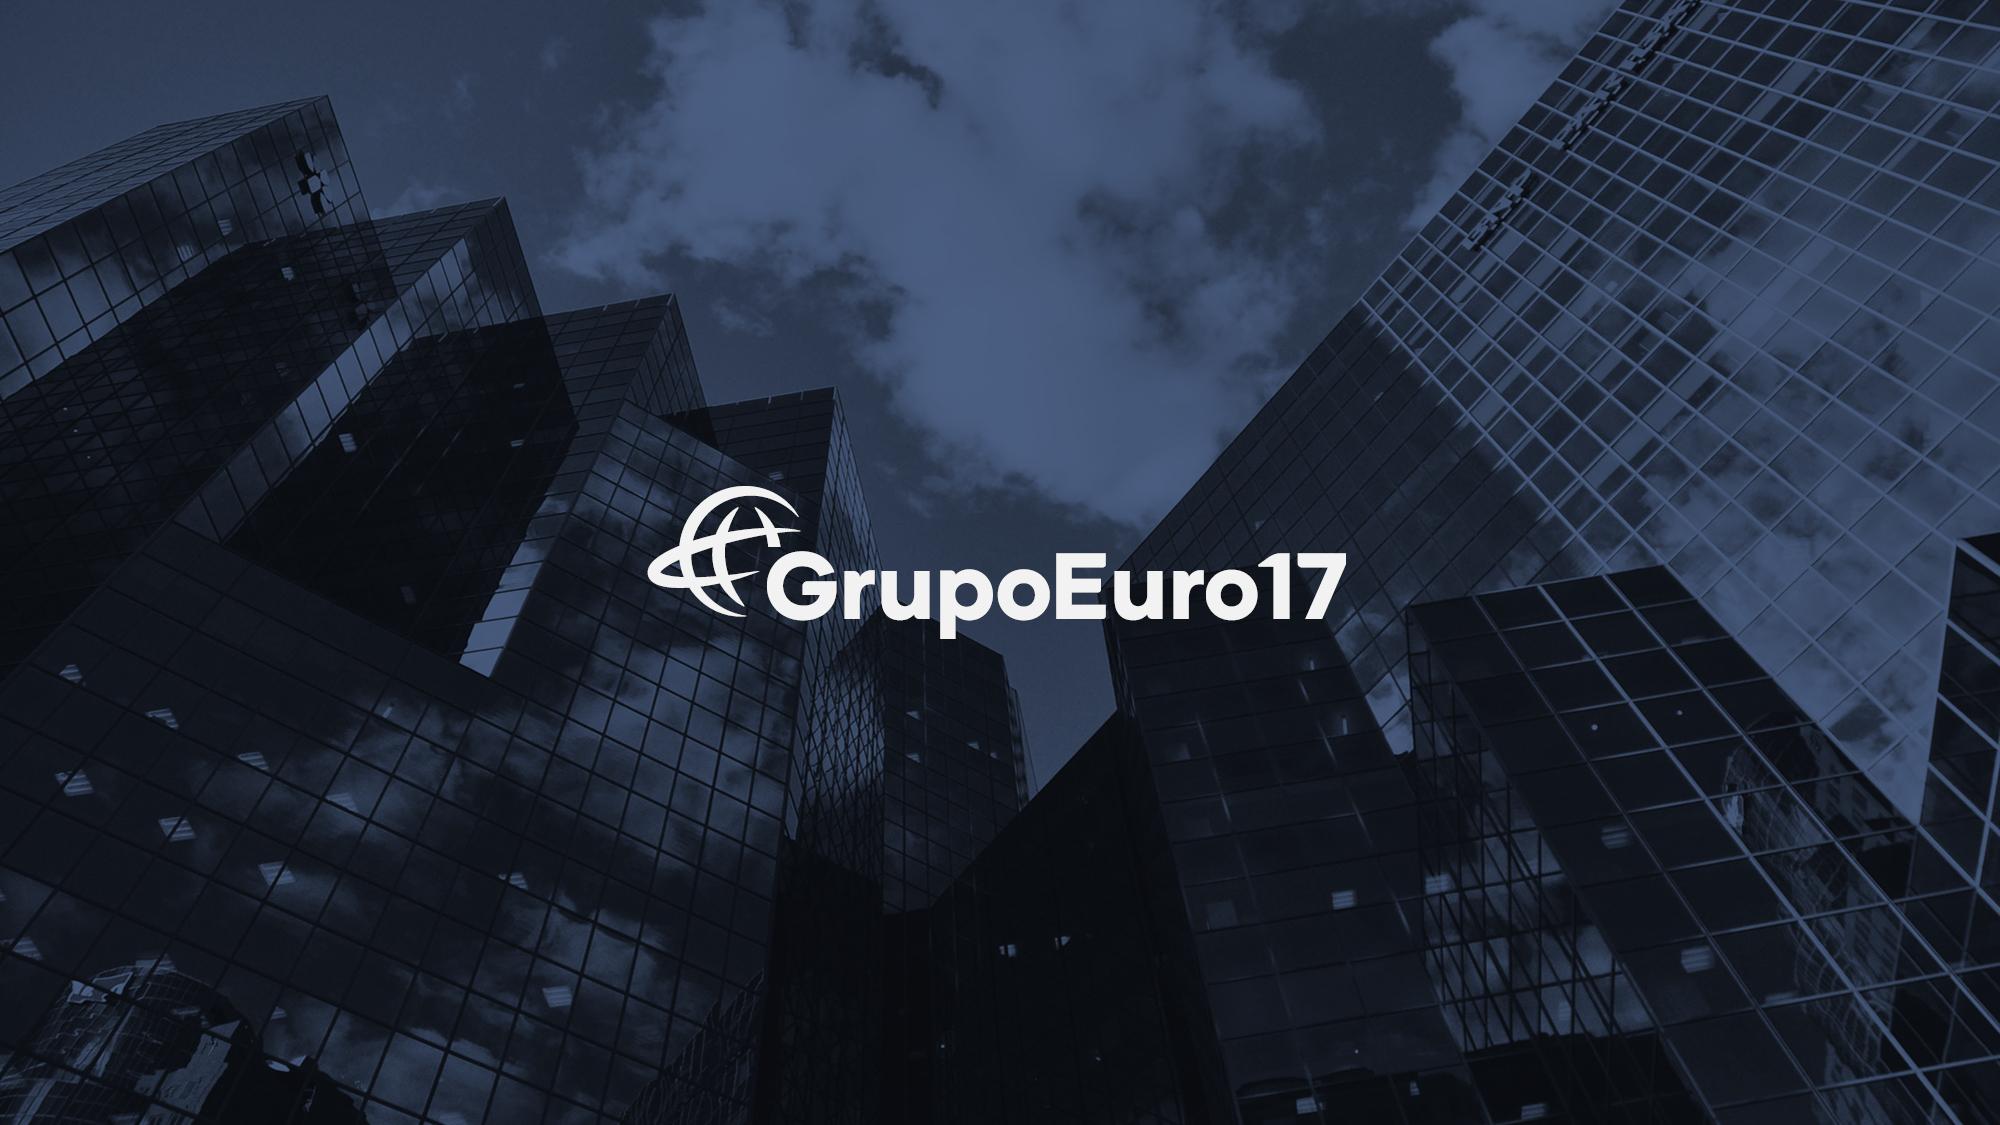 Lanatta-Branding-and-Design-GrupoEuro17